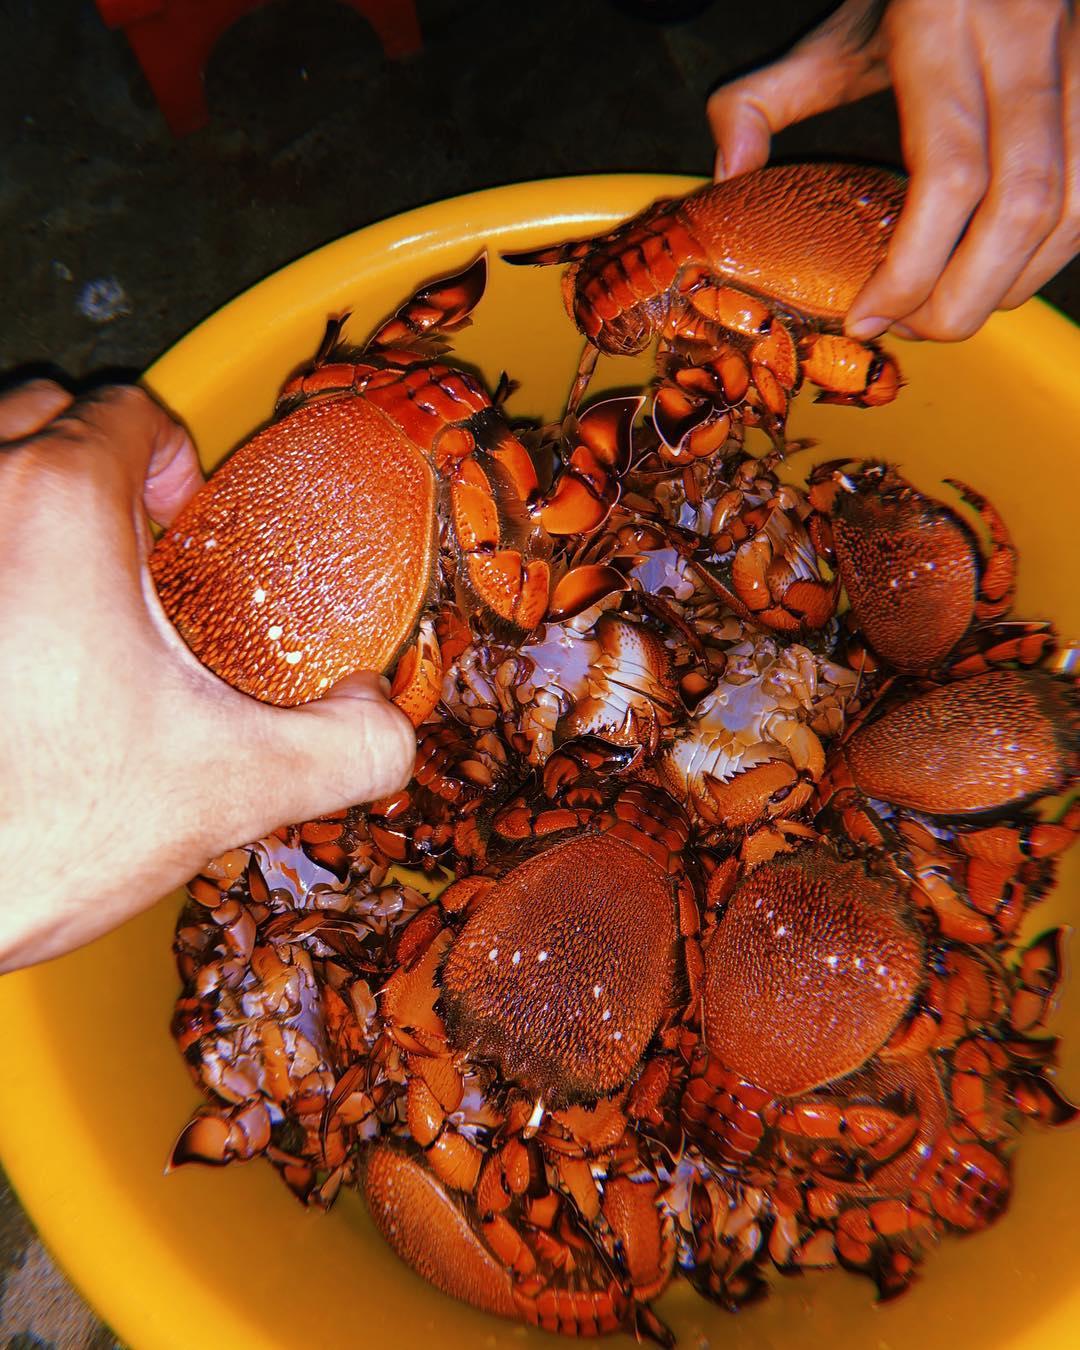 Cua huỳnh đế là món ăn hải sản mà bạn nhất định phải thử ghi đến Eo Gió - Ảnh: noht_